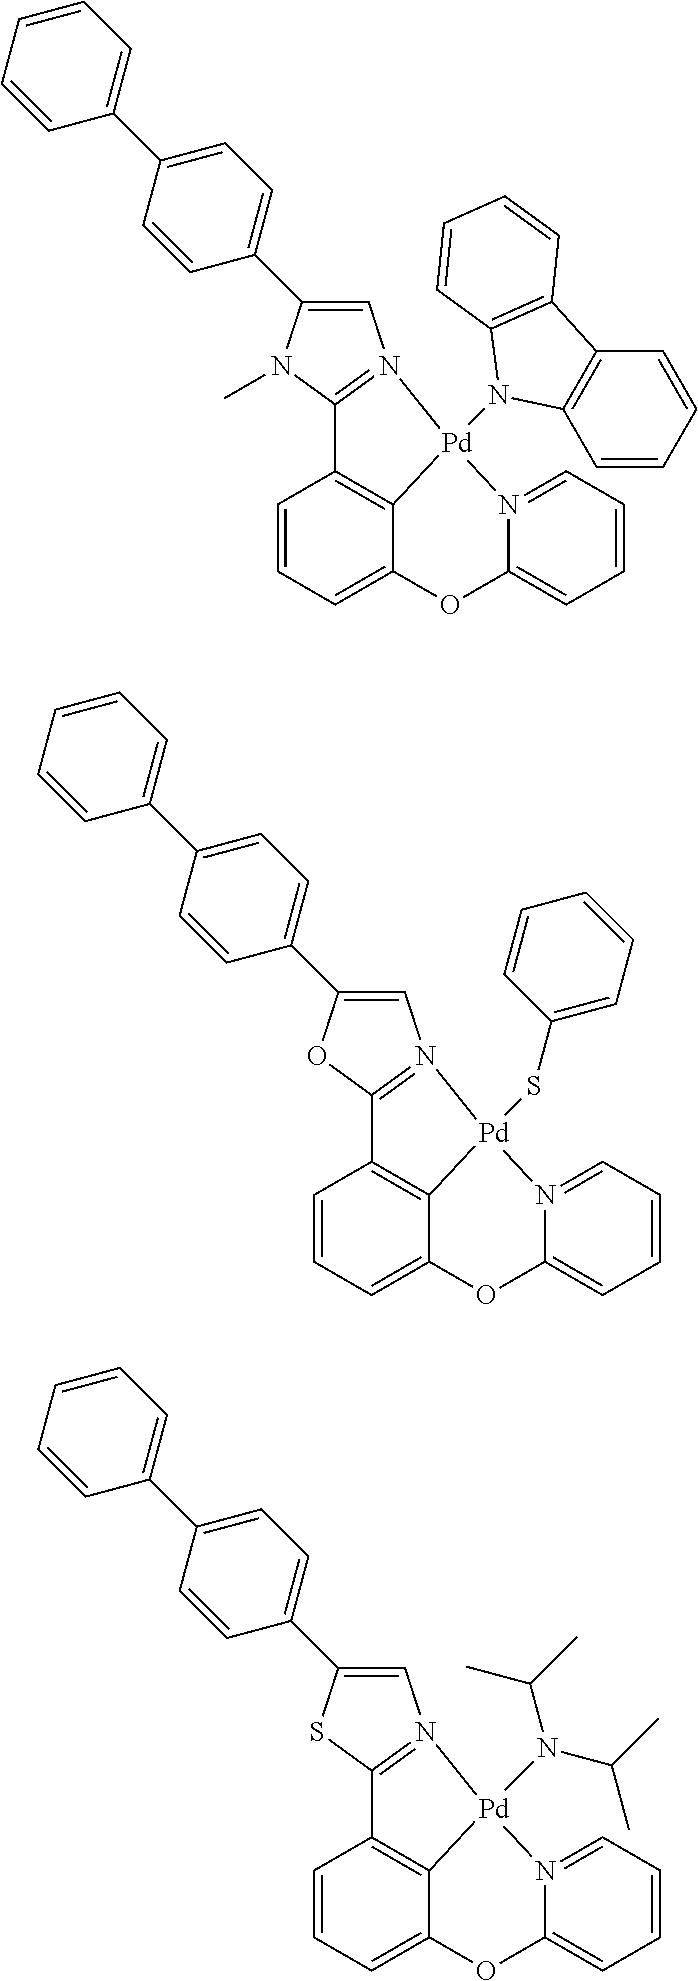 Figure US09818959-20171114-C00188